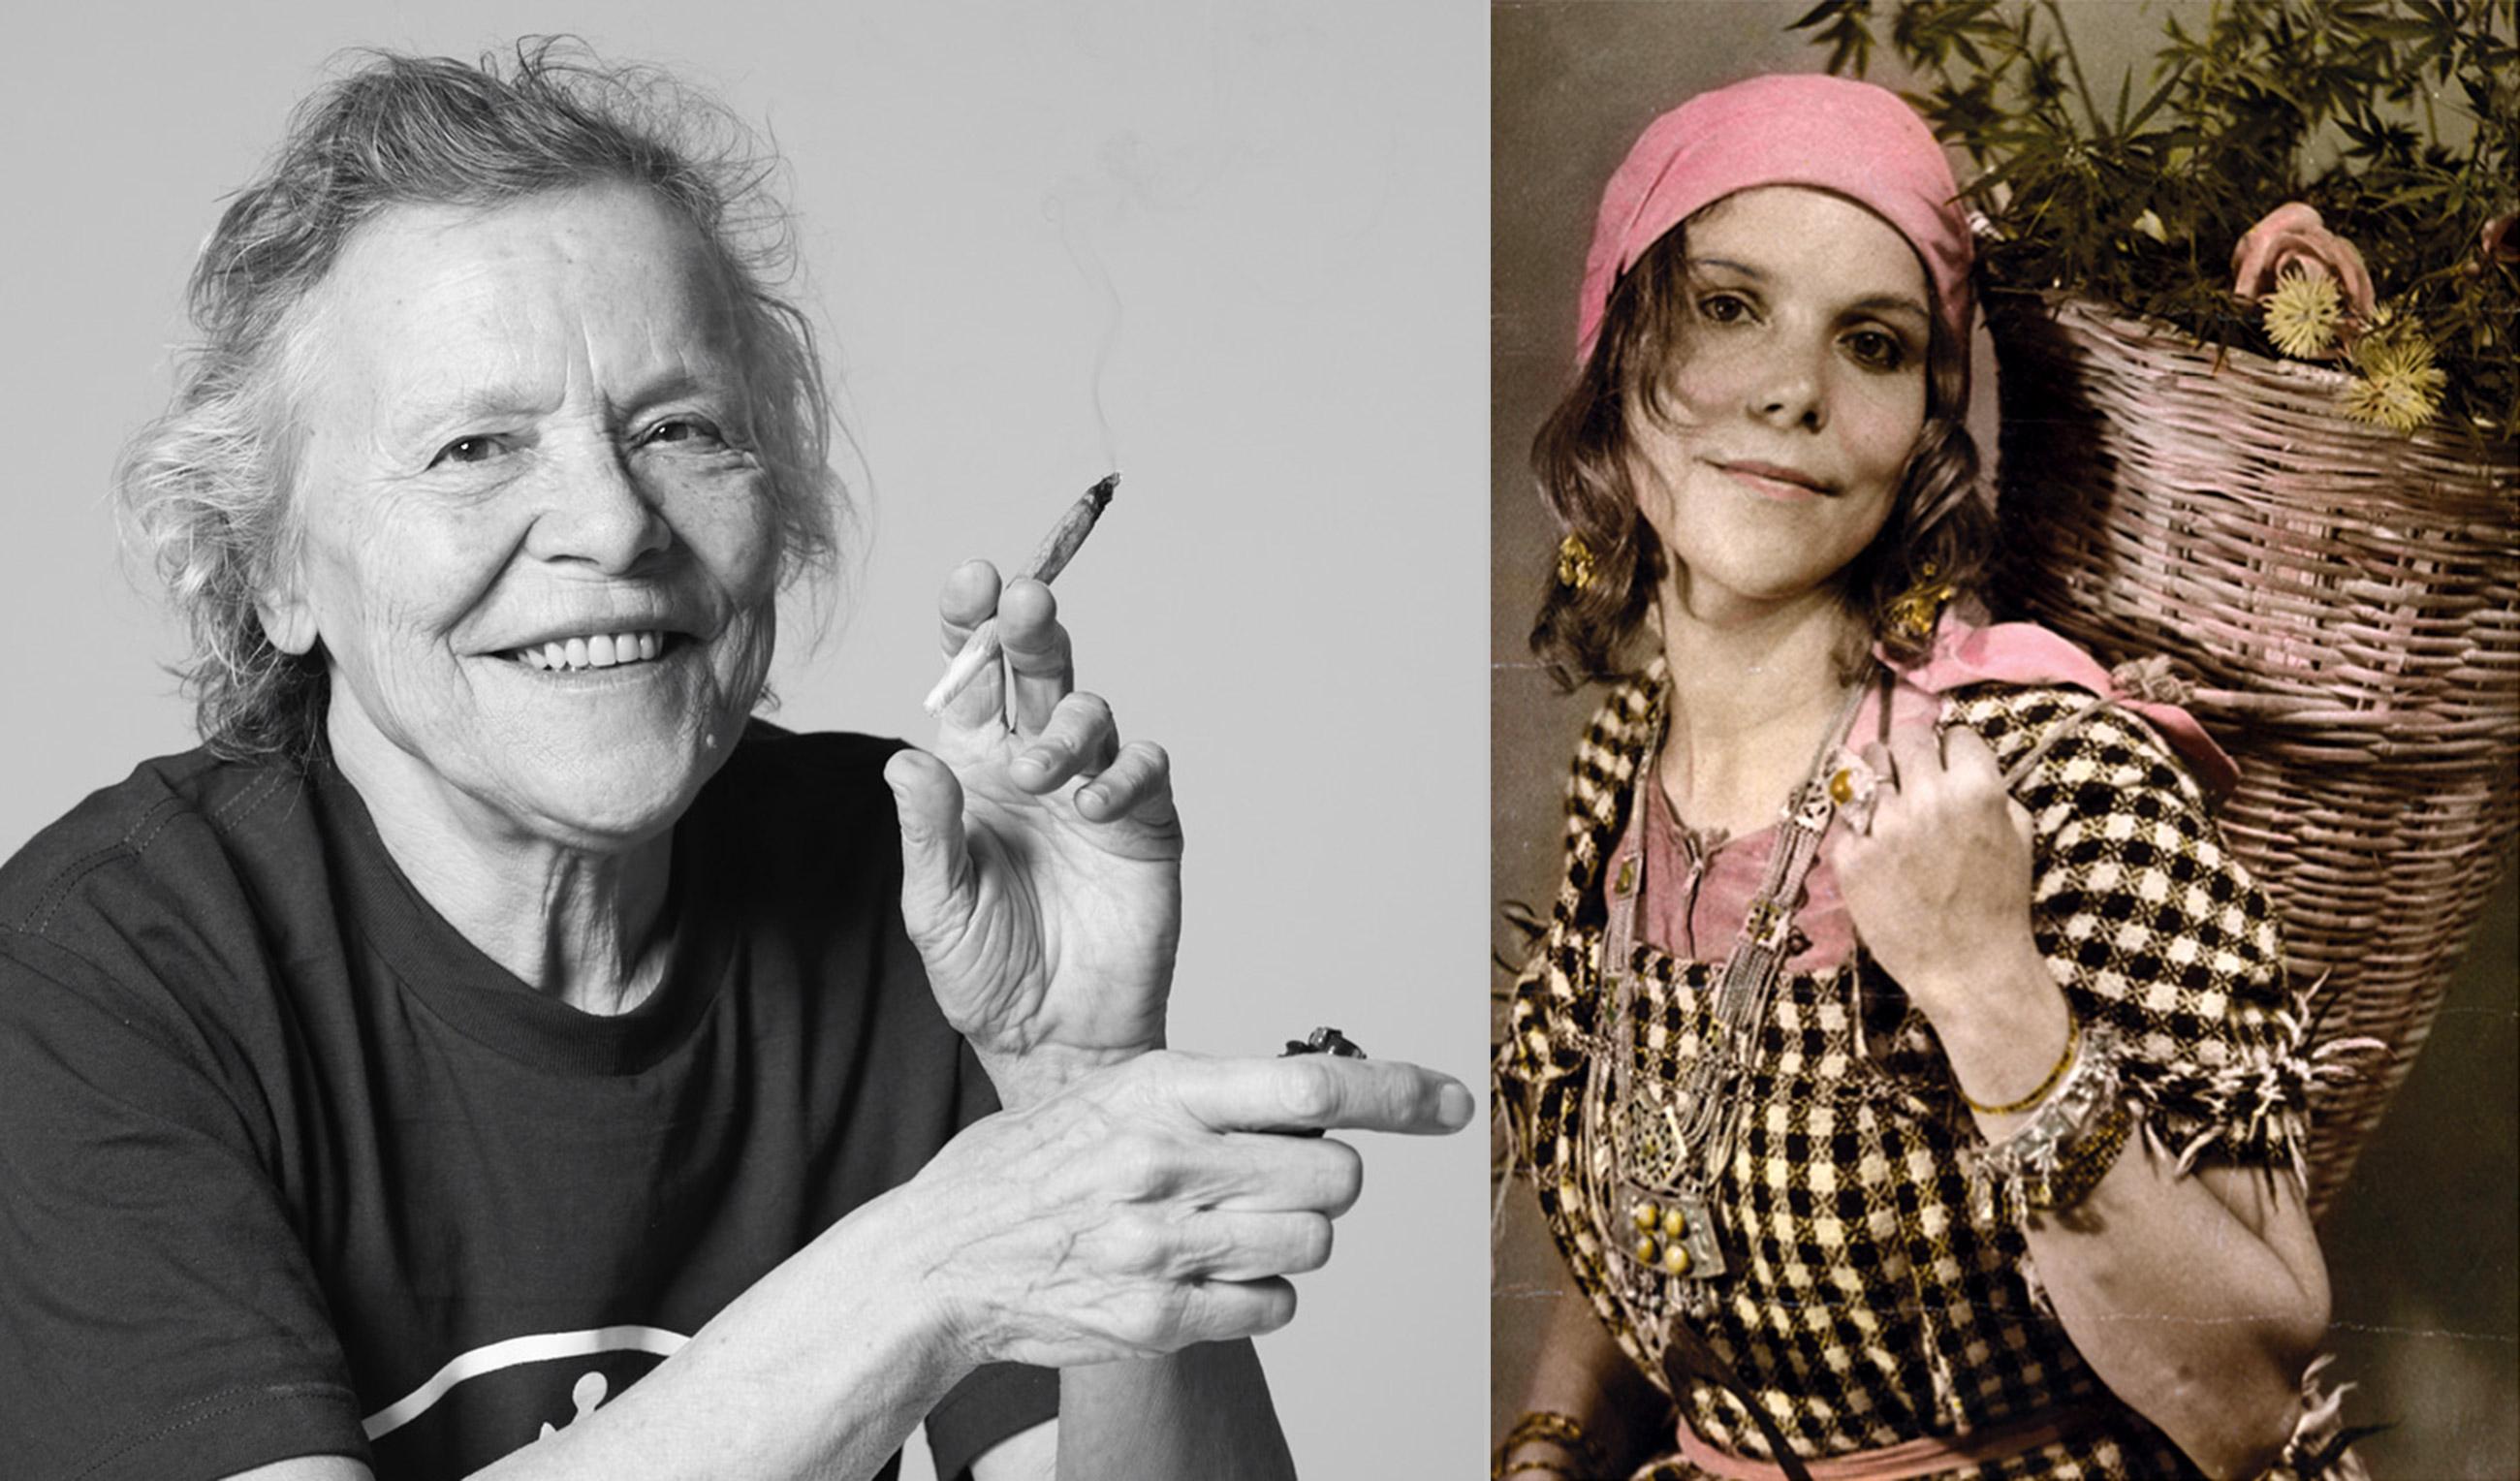 Twee foto's van cannabislegende Mila Jansen. Links een zwart-witfoto waarop ze lacht en een joint in haar hand houdt. Rechts een jonge Mila met een roze hoofddoek en een mand vol cannabis, die ze op haar rug draagt.